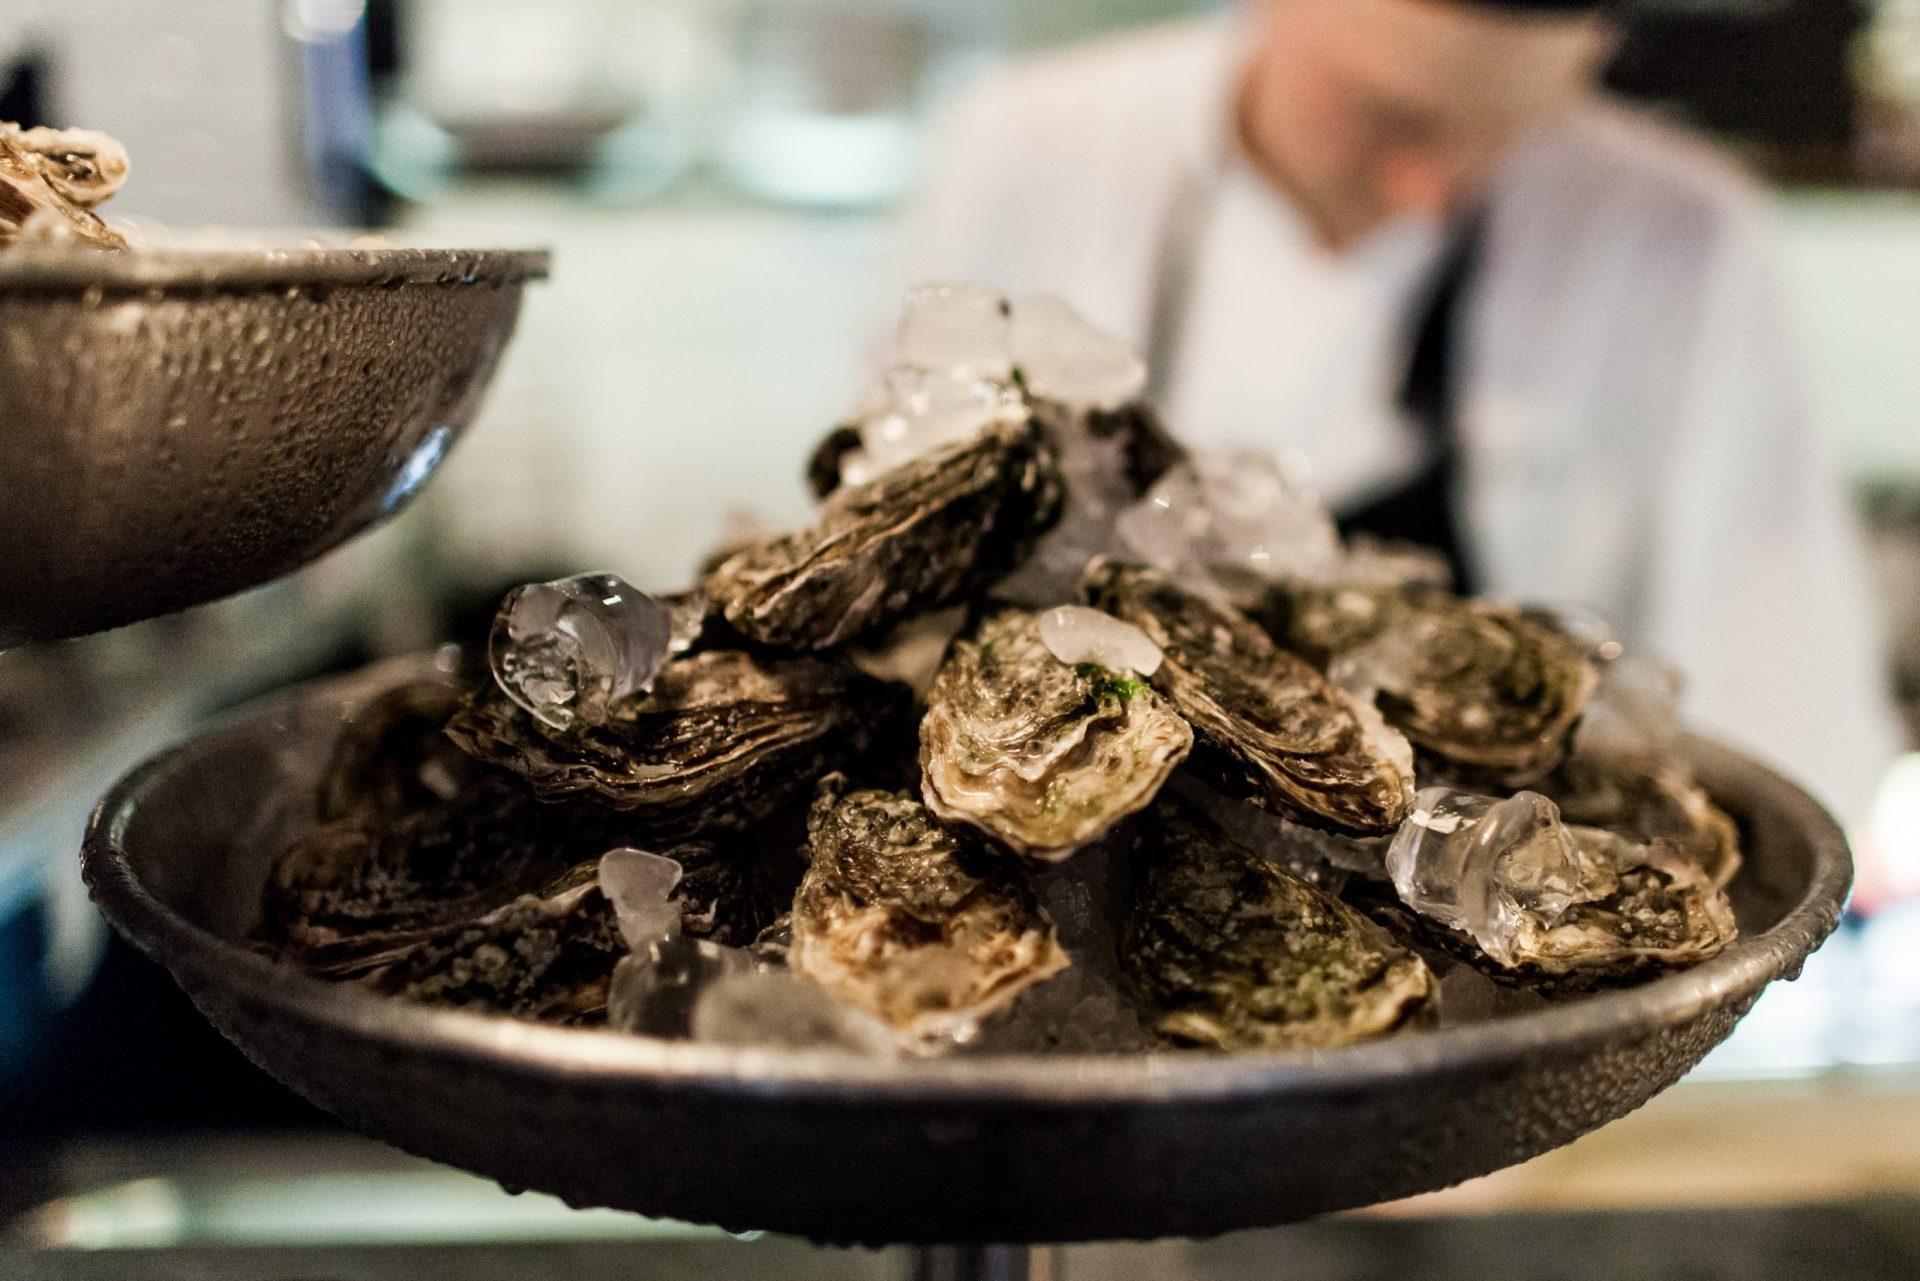 tuukka_ervasti-oysters-2217